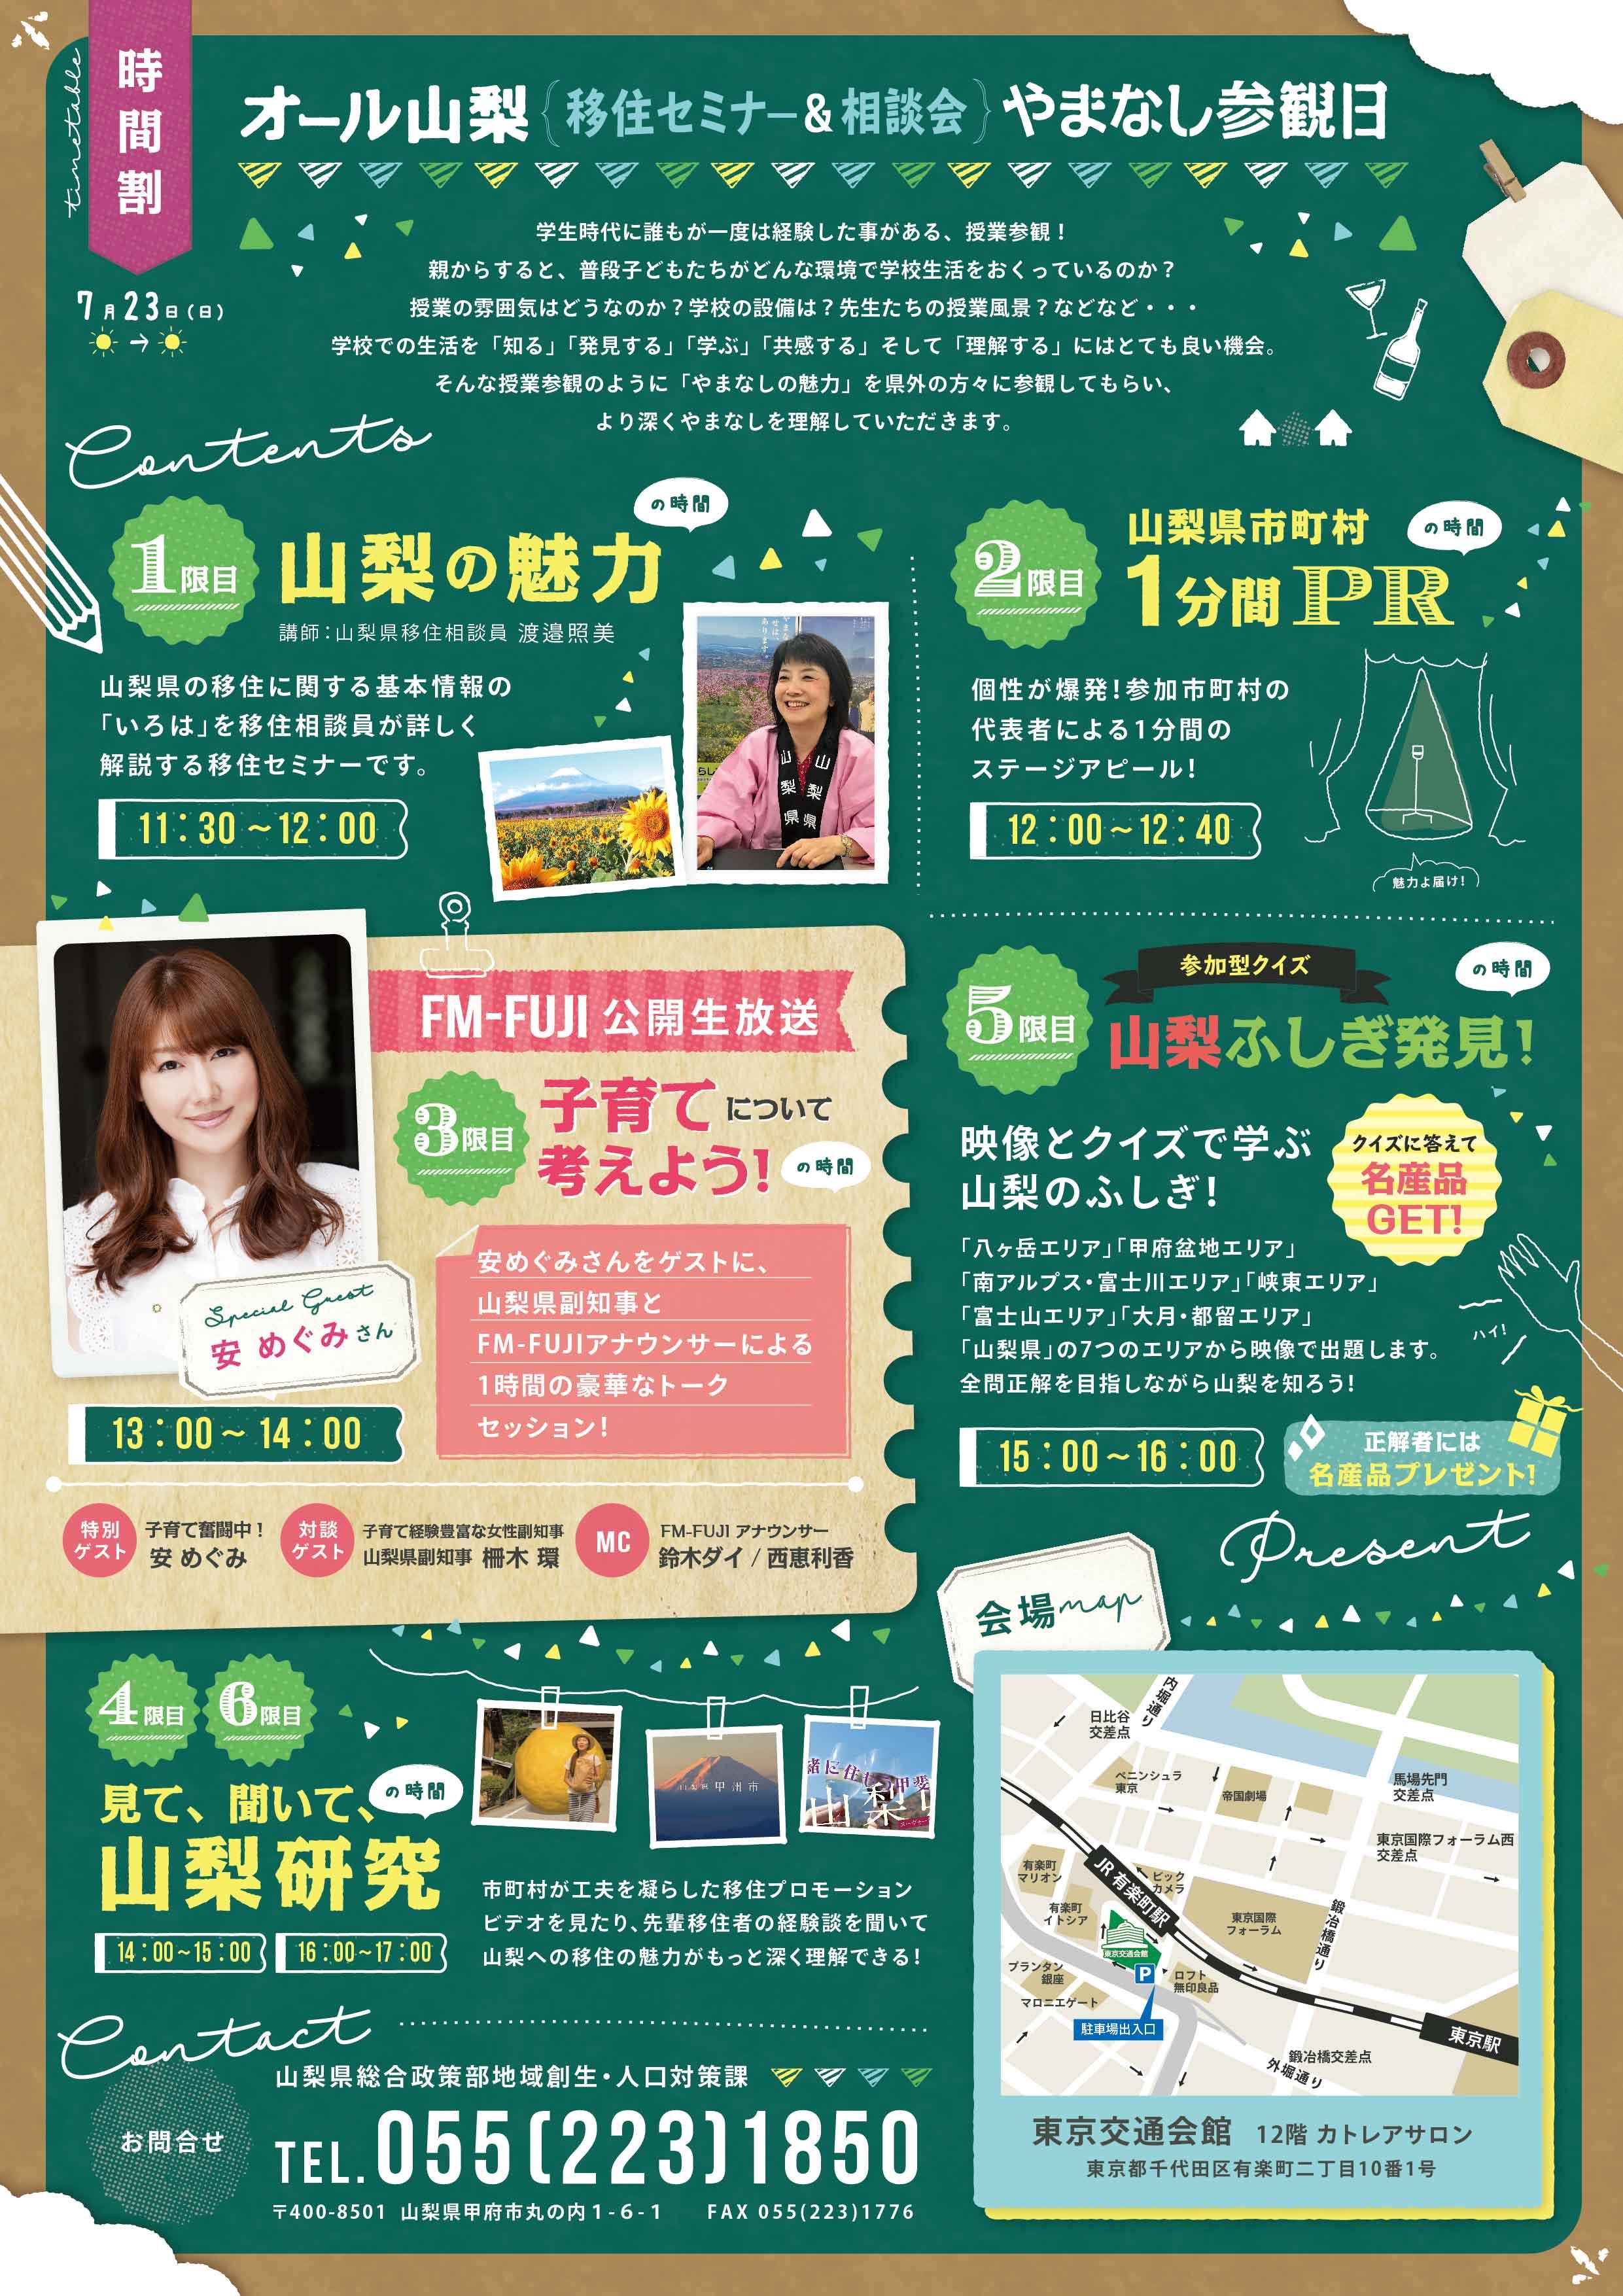 http://www.yamanashi-kankou.jp/blog/0619%E3%83%81%E3%83%A9%E3%82%B7%E8%A3%8F_marked.jpg